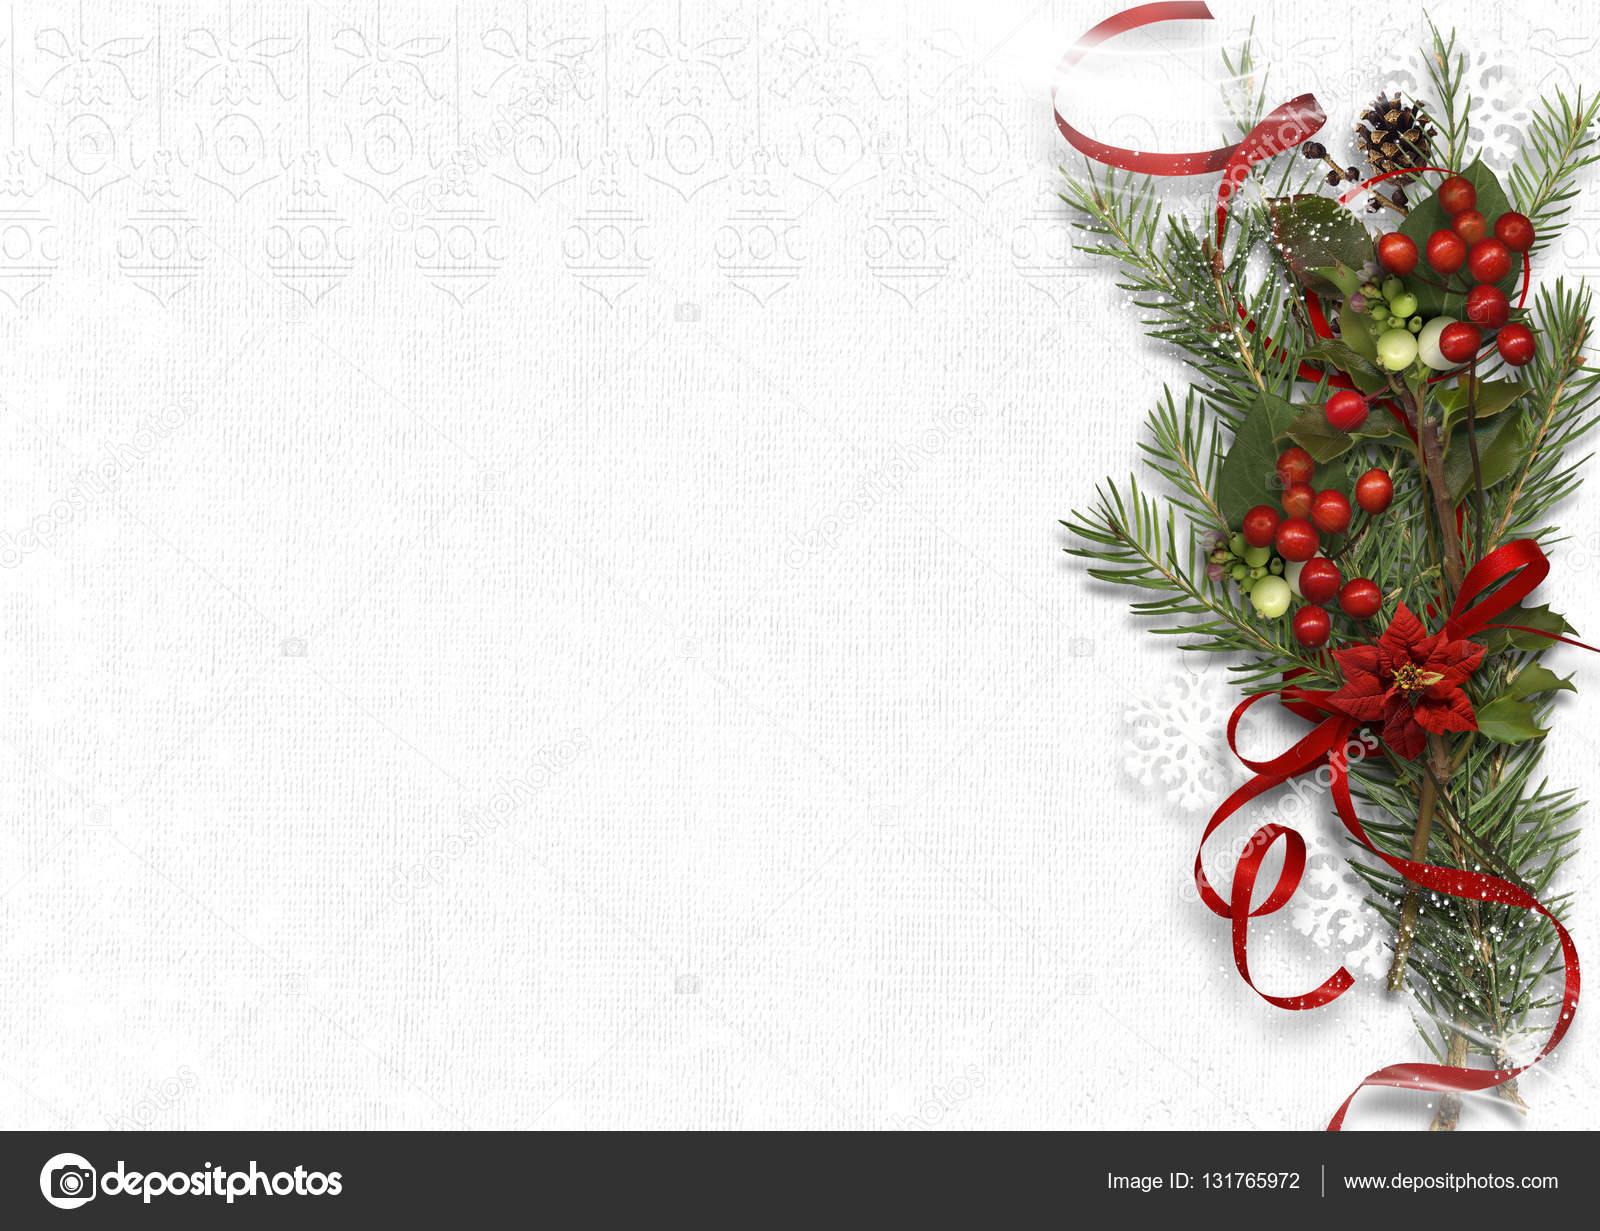 Bouquet De Noel Avec Du Houx christmas bouquet with mistletoe and holly on white